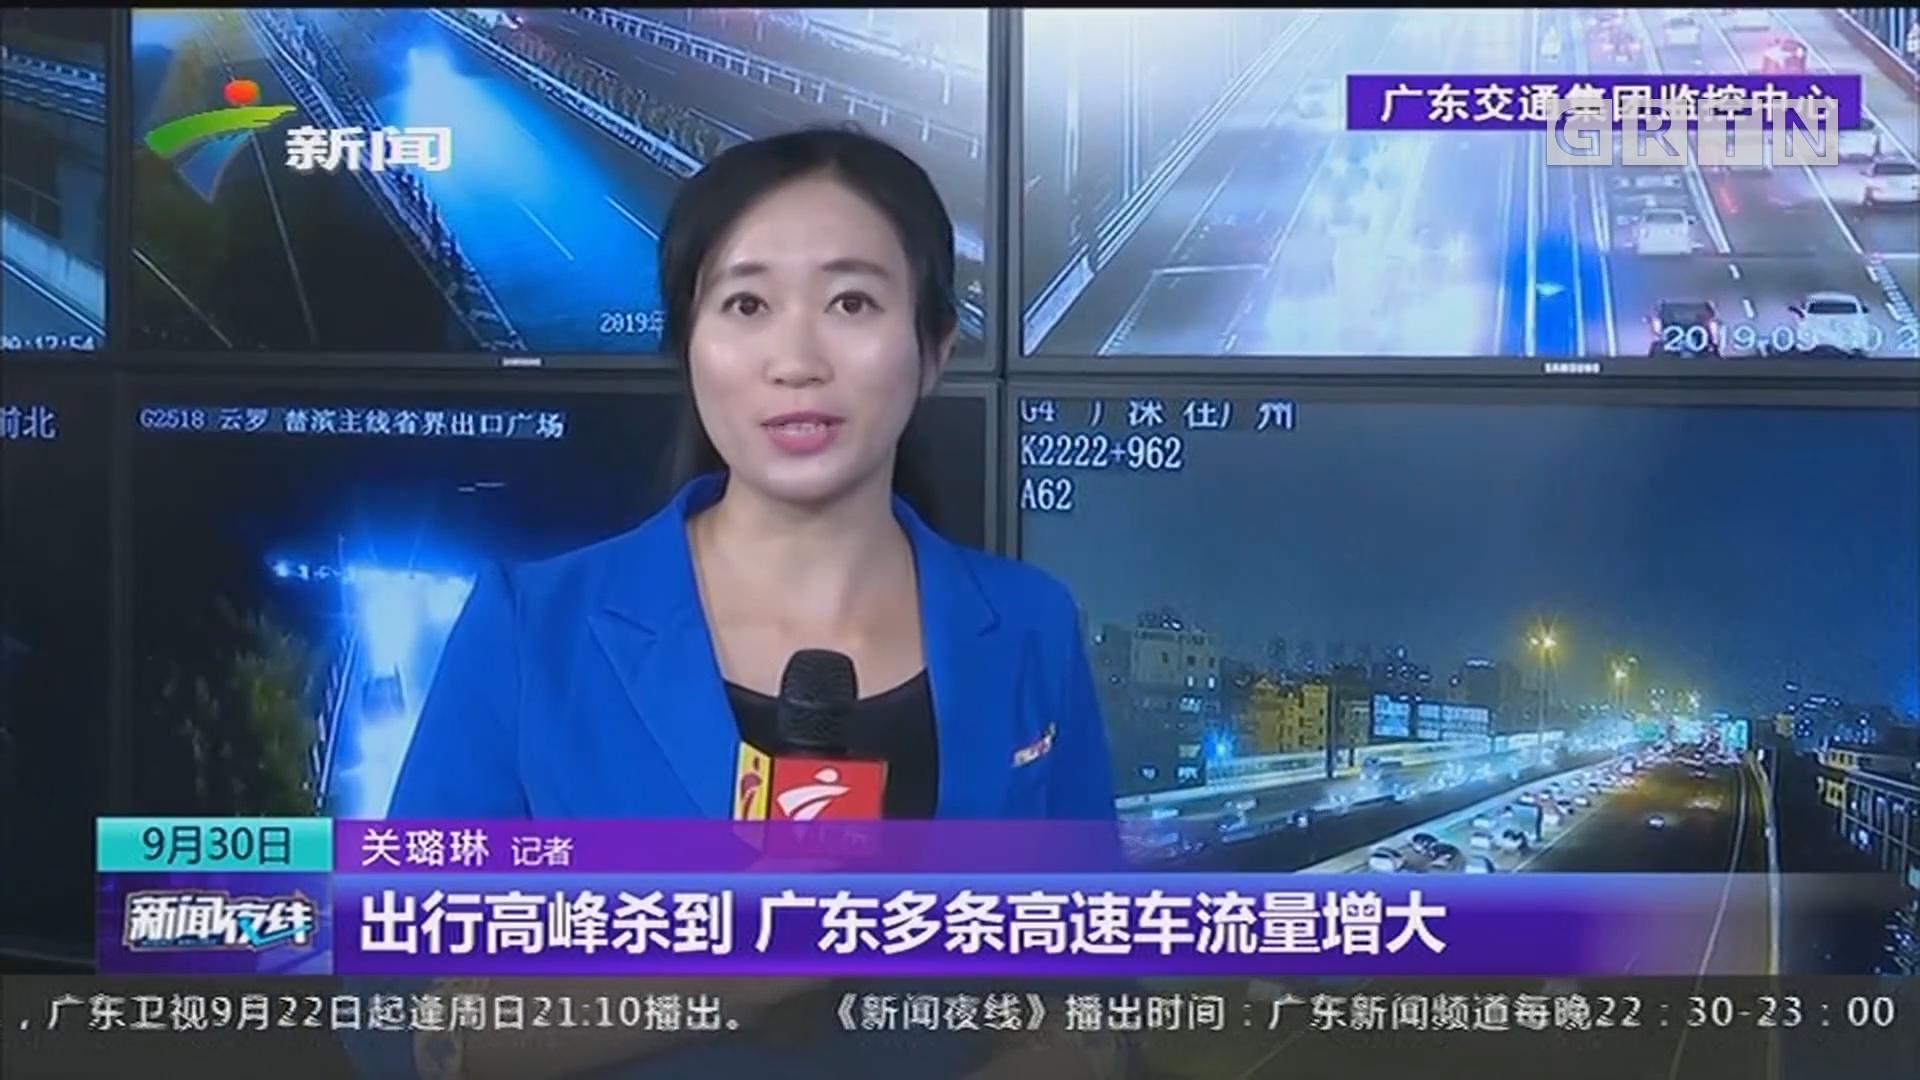 出行高峰杀到 广东多条高速车流量增大